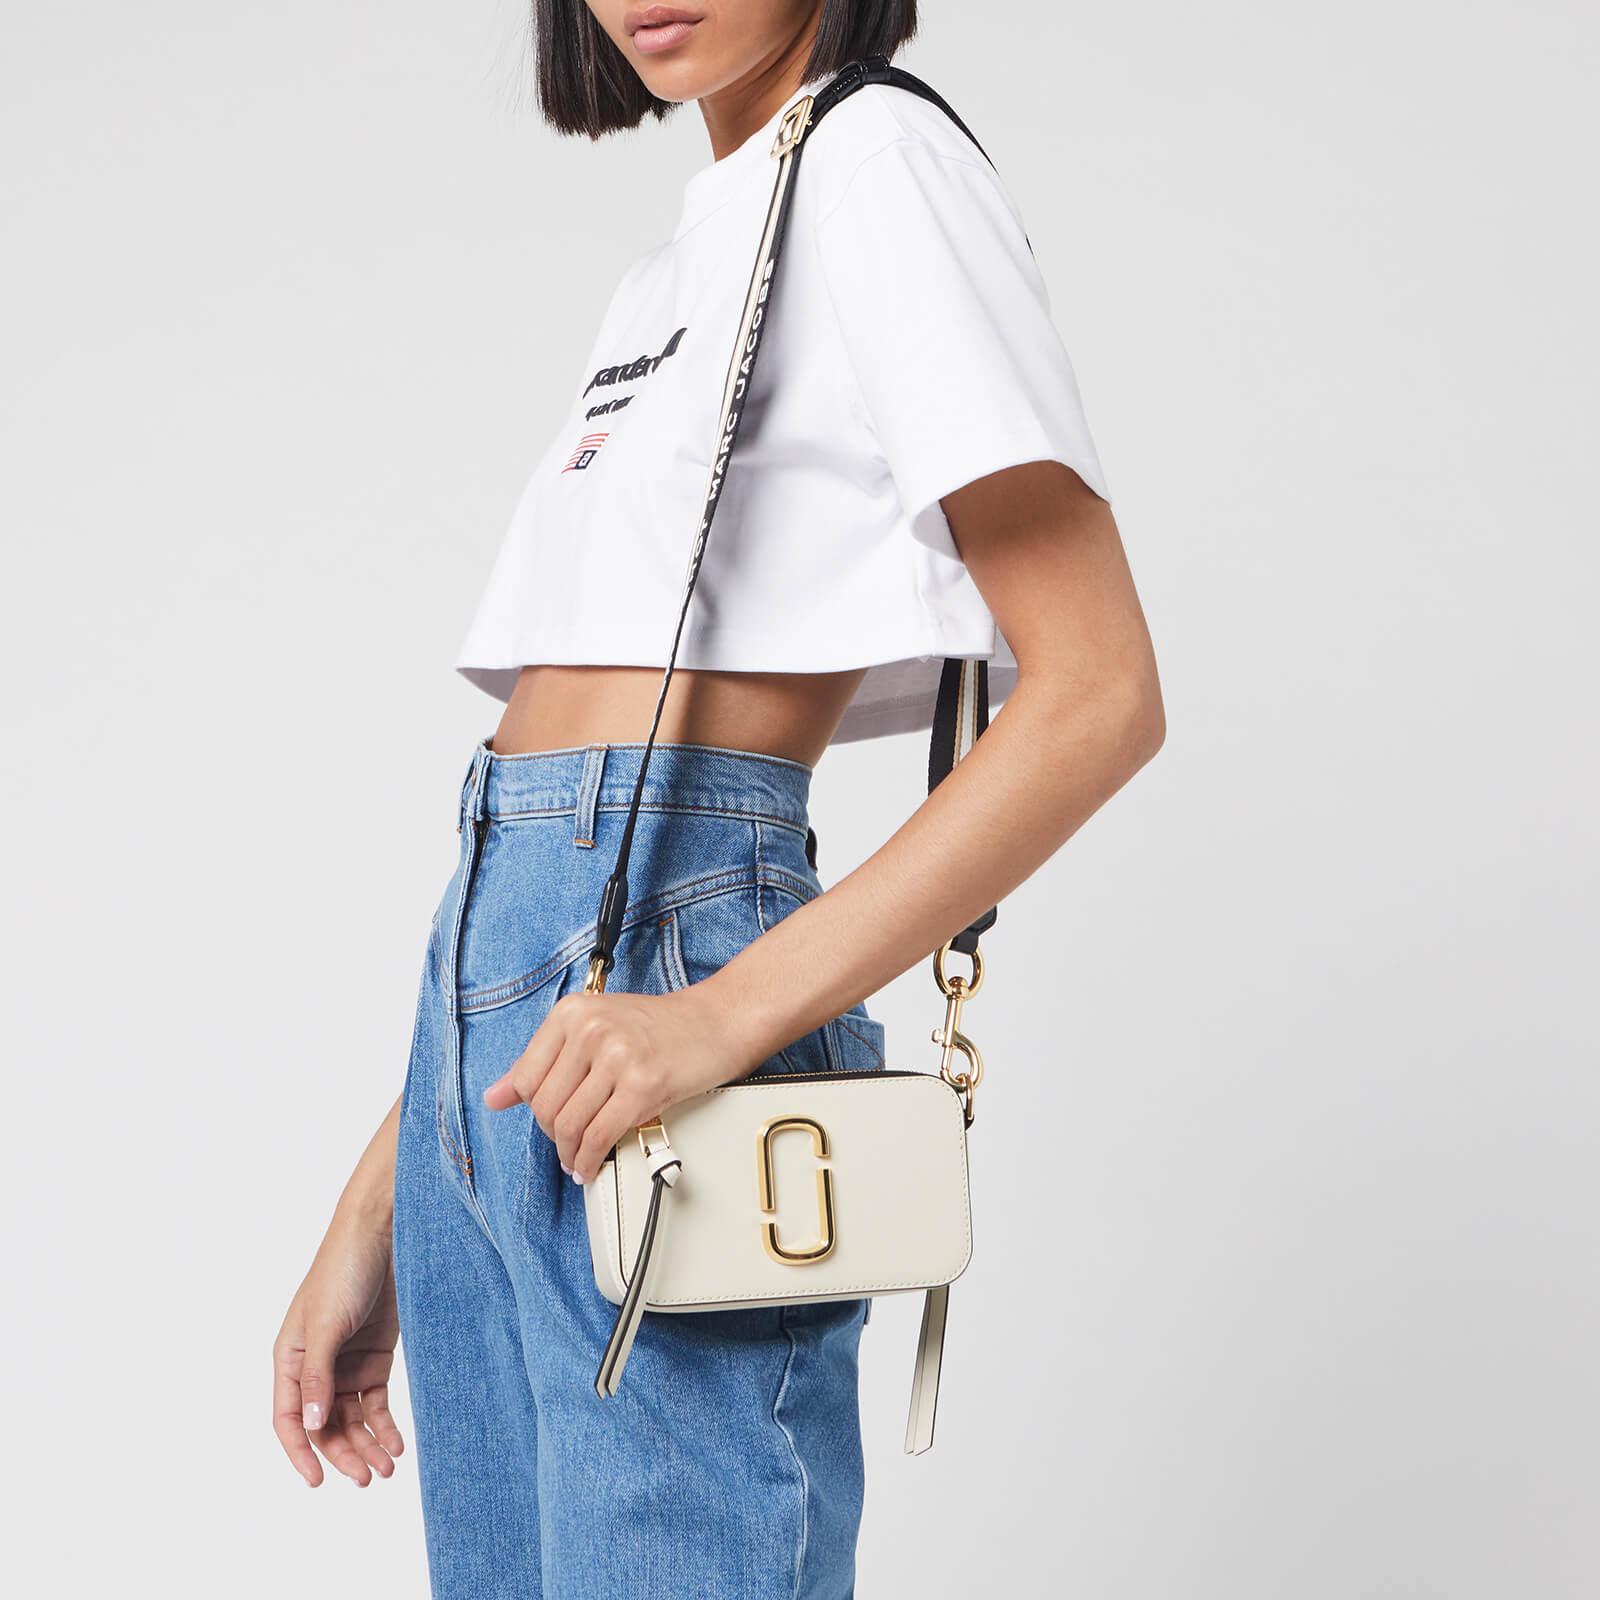 Marc Jacobs Women's Snapshot Cross Body Bag